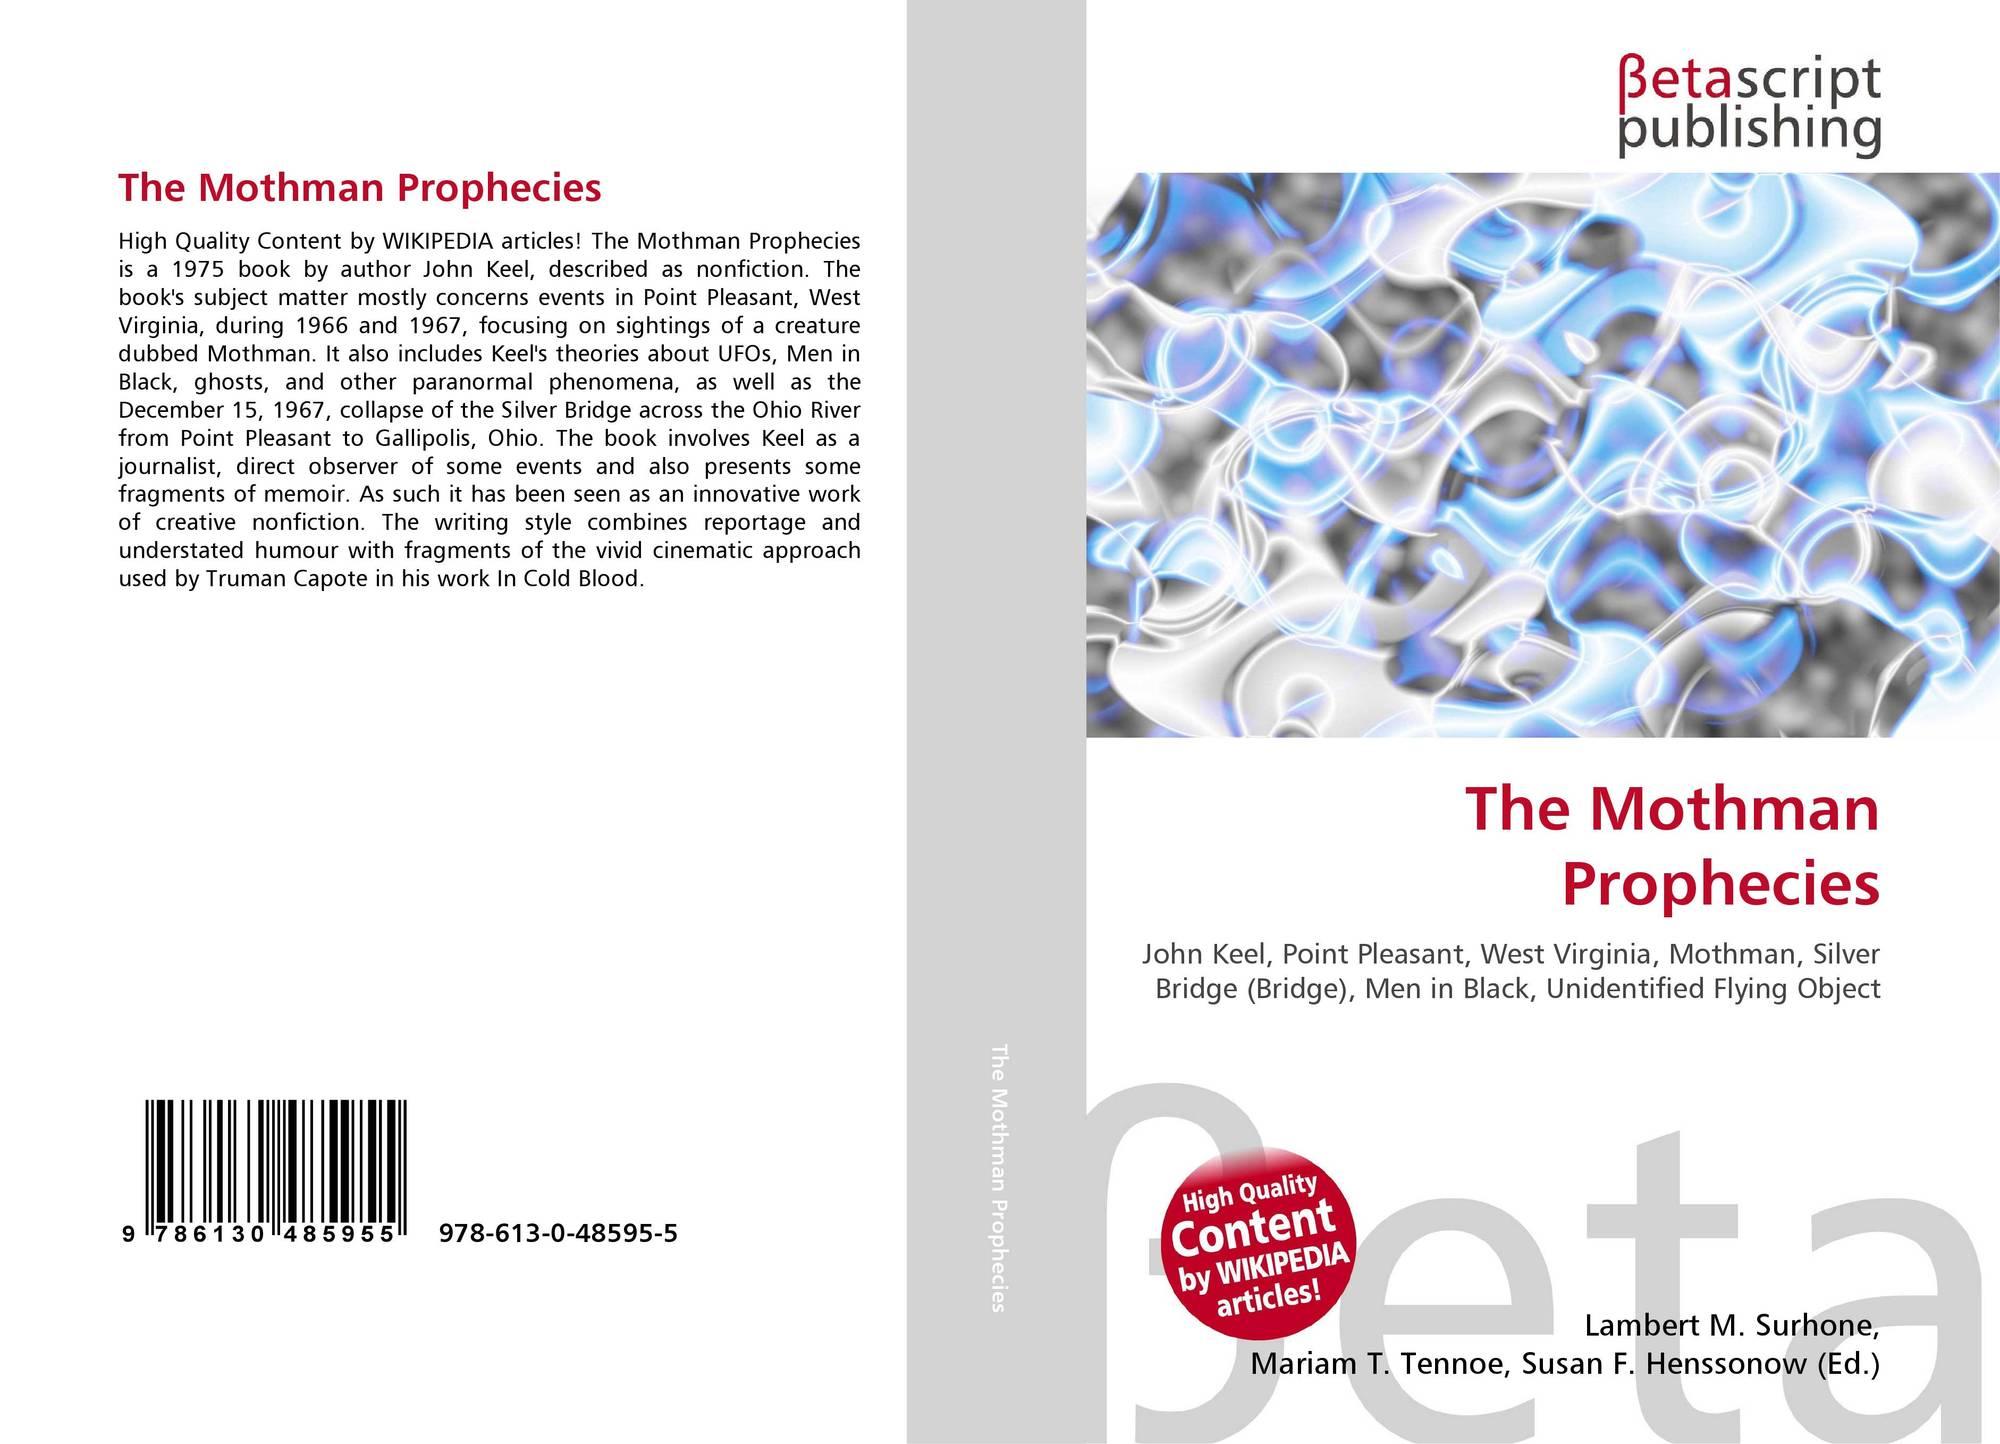 The Mothman Prophecies, 978-613-0-48595-5, 6130485956